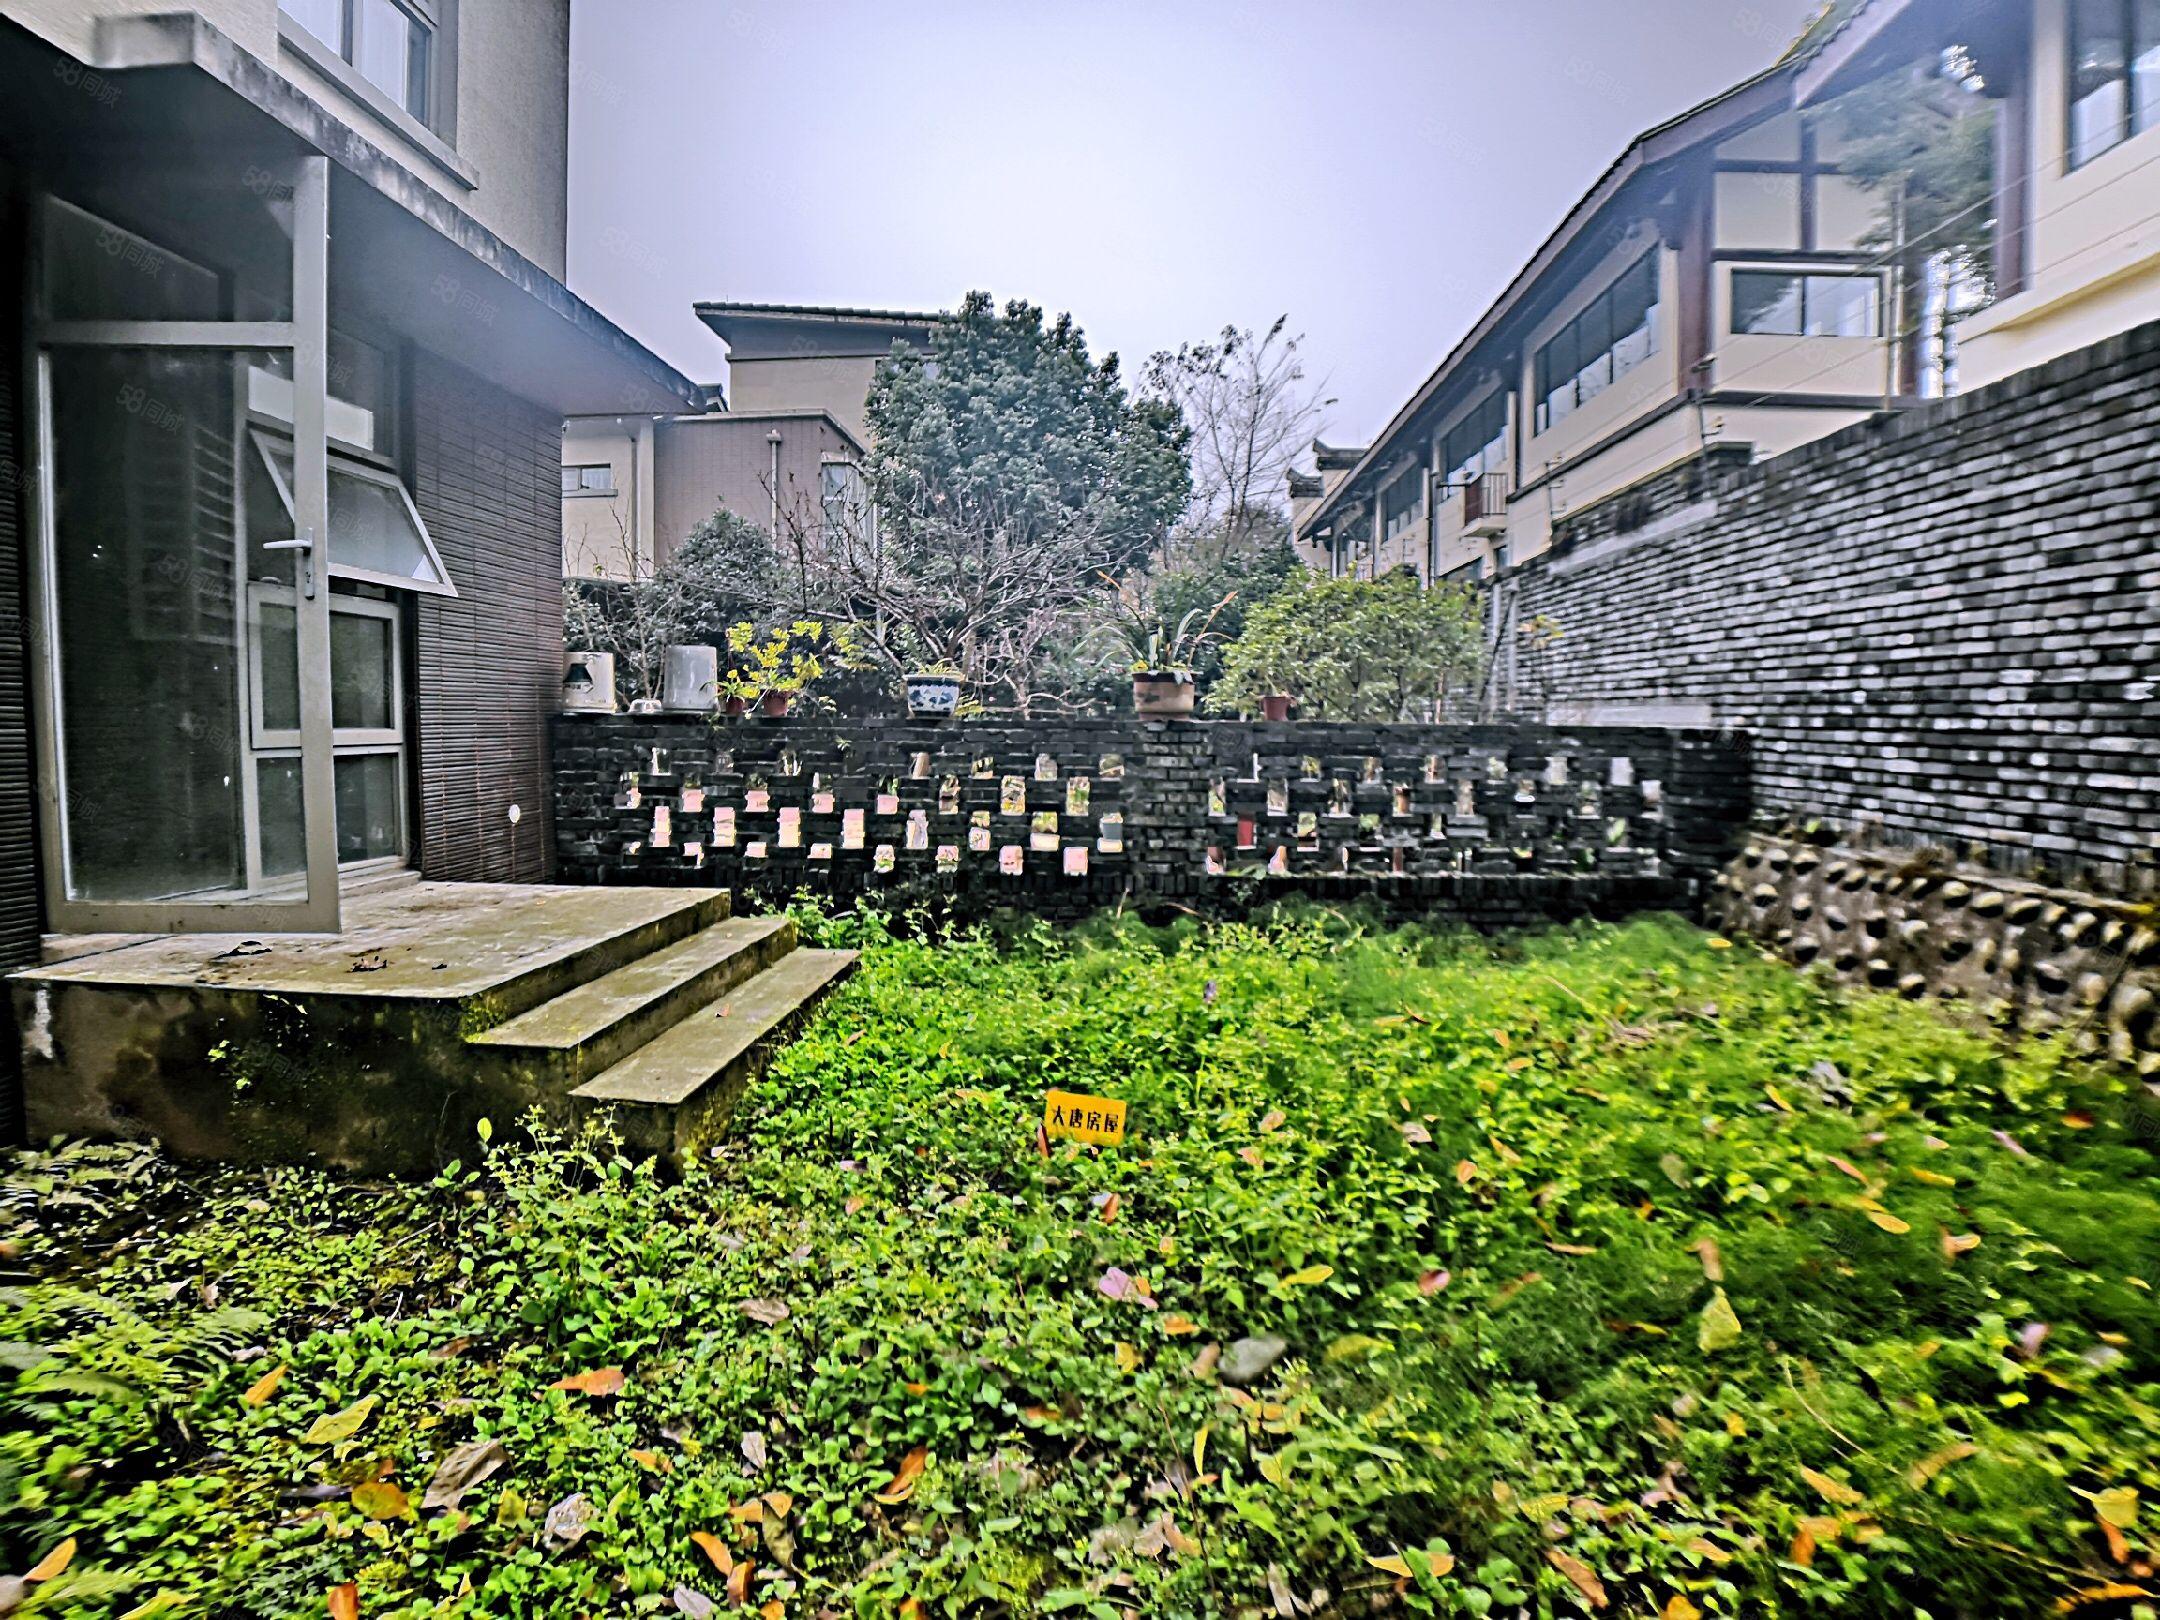 365宅院小别墅带花园40平大套三,交通便利环境优美诚心出售